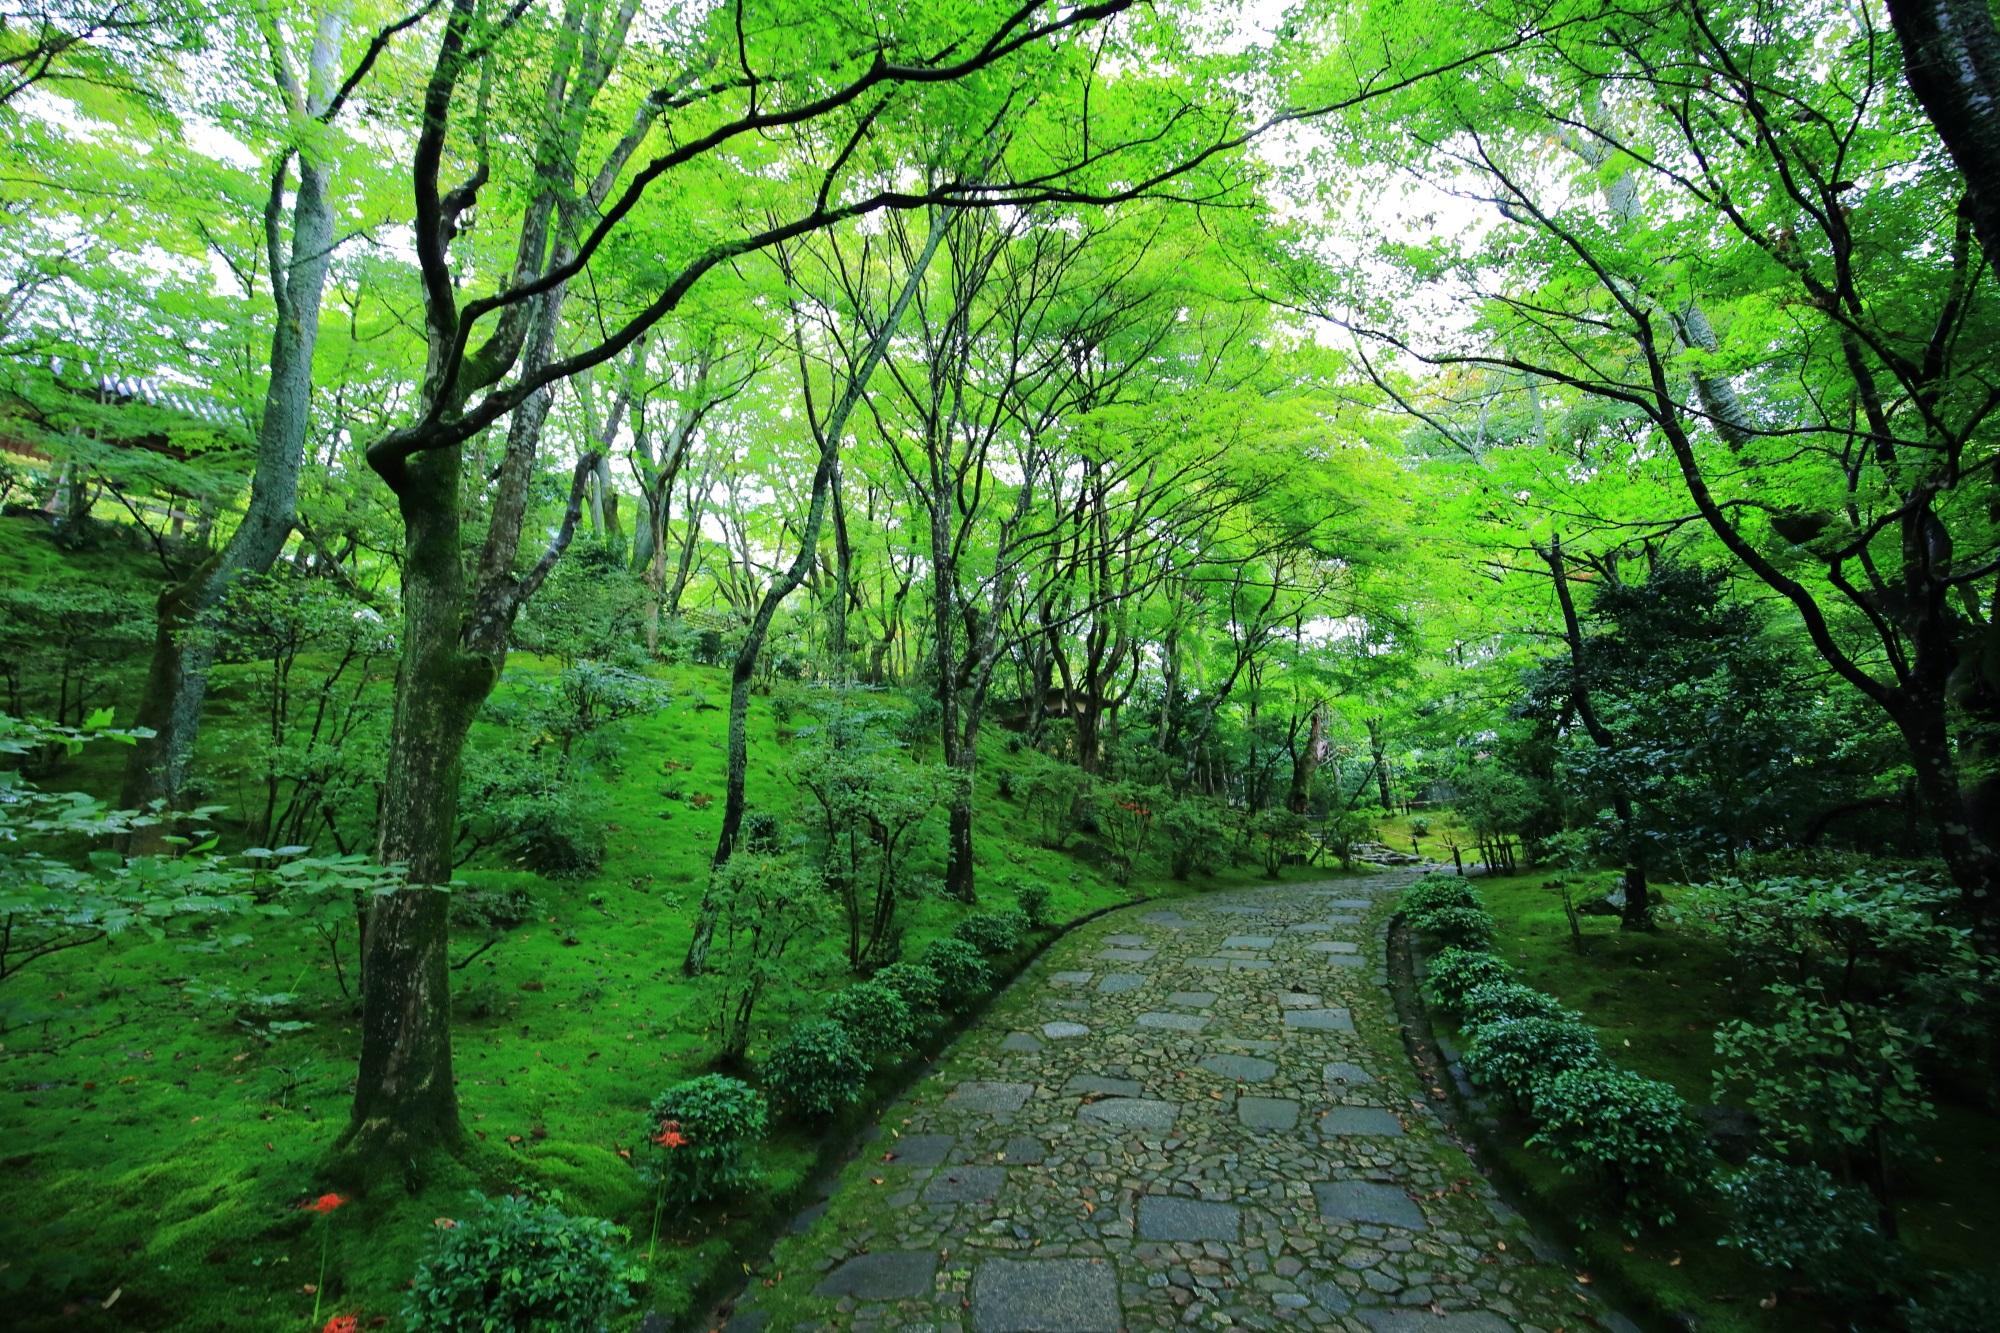 常寂光寺の女の碑から仁王門へ続く参道と苔と青もみじ 9月24日